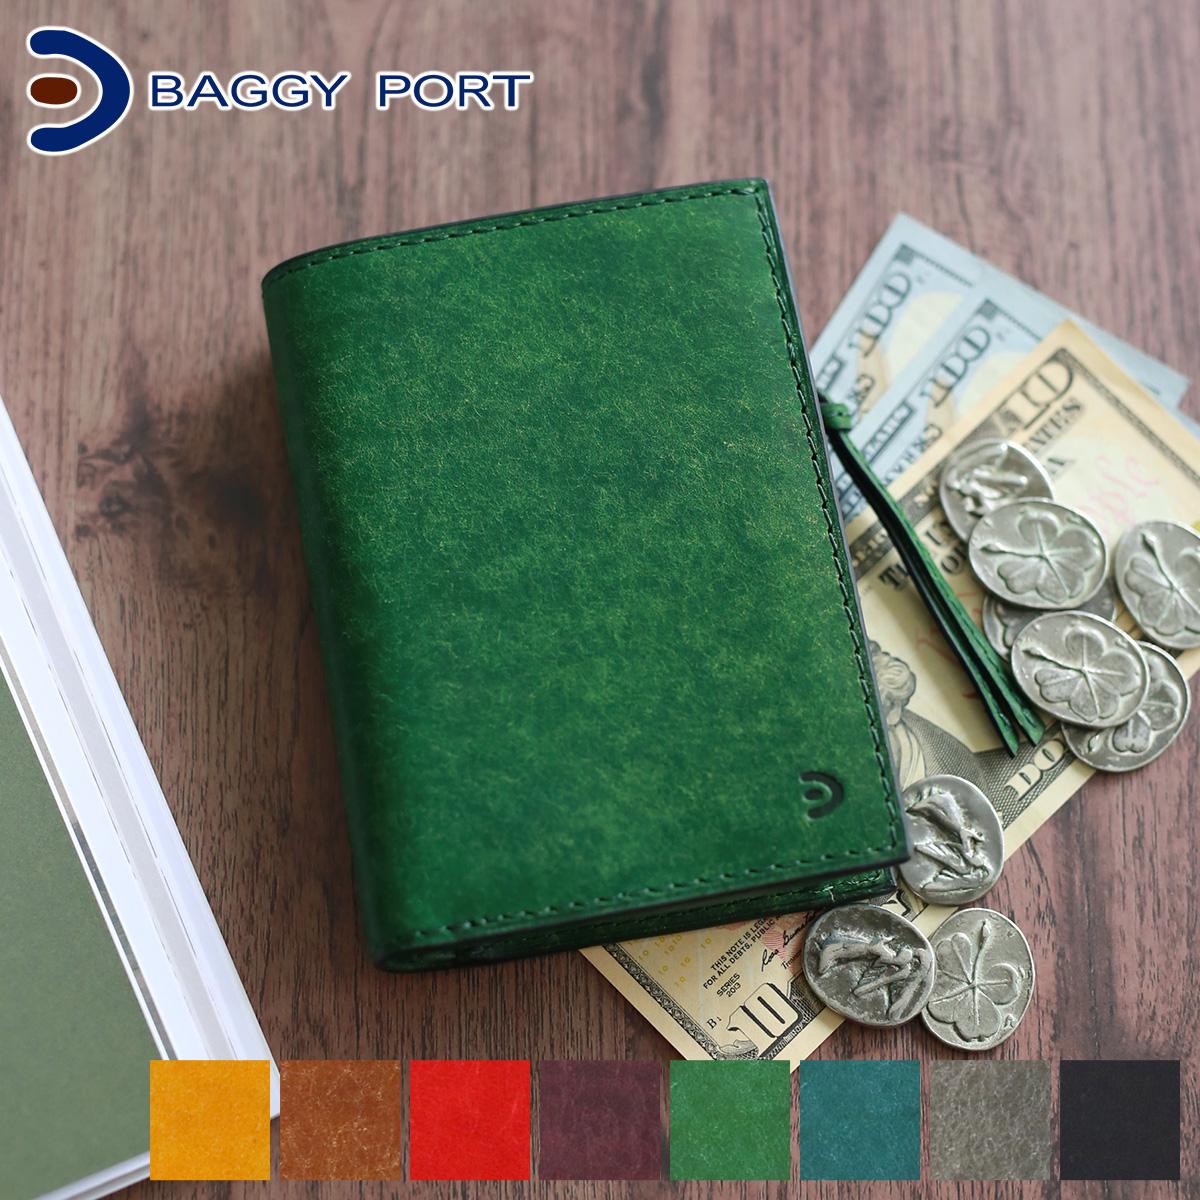 【選べる実用的ノベルティ付】 [ 新作 ] BAGGY PORT バギーポート 財布ブオナ 小銭入れ付き二つ折り財布 ZYS-2402メンズ レディース 二つ折り ギフト プレゼント